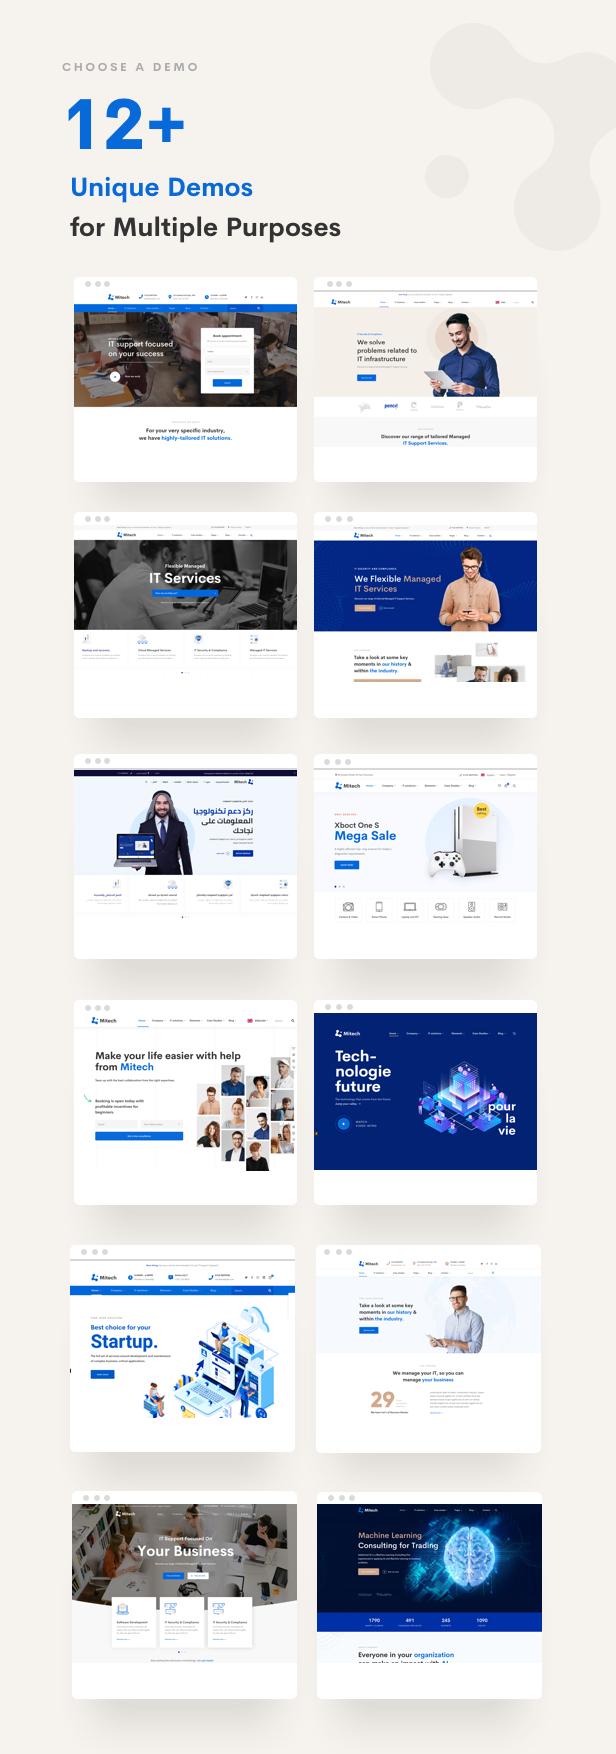 حلول تكنولوجيا المعلومات Mitech - موضوع ووردبريس للتكنولوجيا وحلول تكنولوجيا المعلومات والخدمات - الصفحات الرئيسية